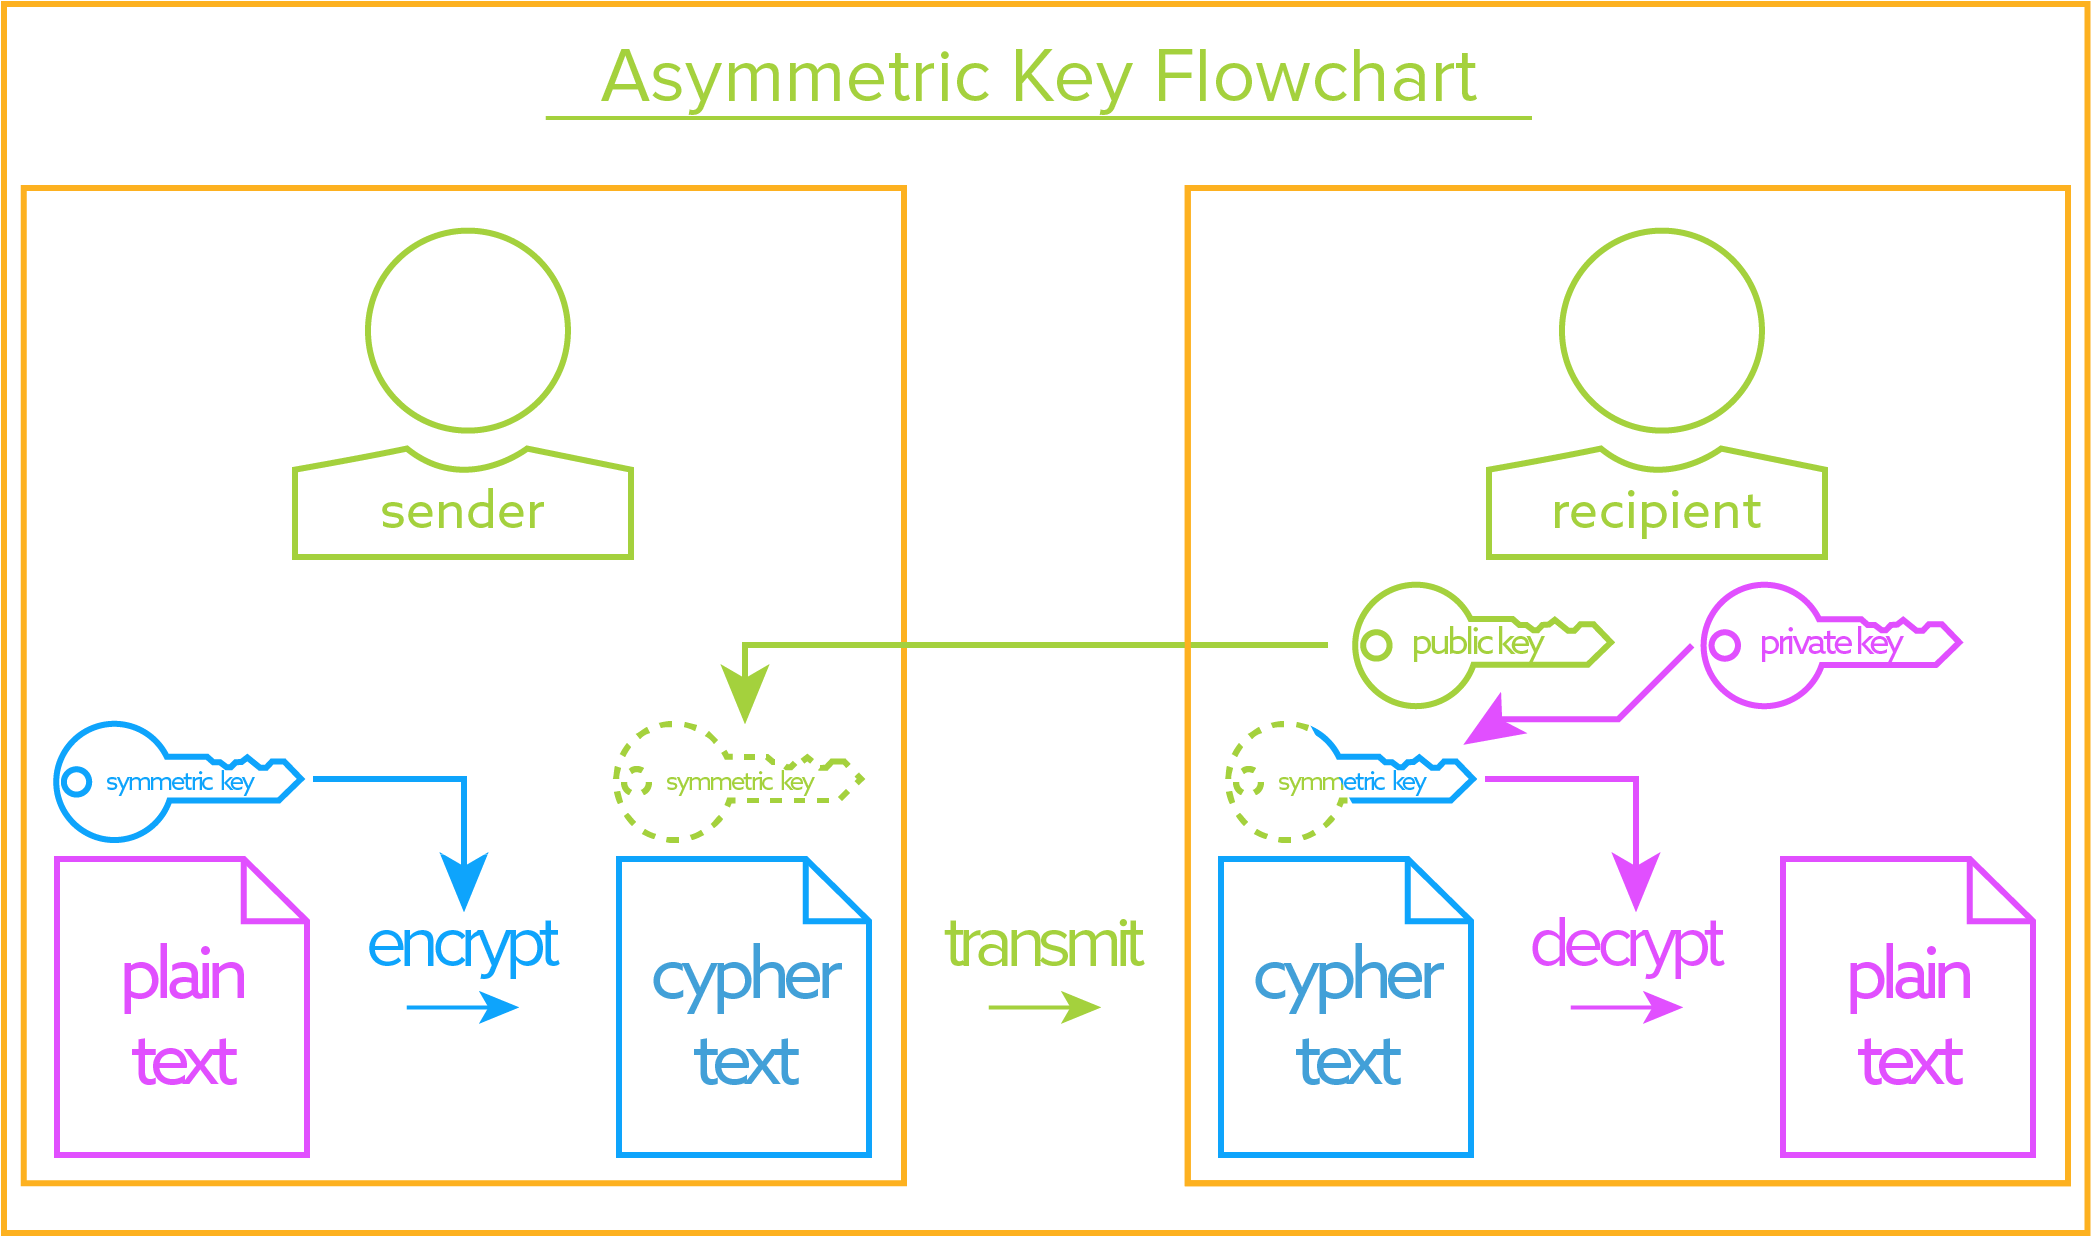 Asymmetric Key Flowchart